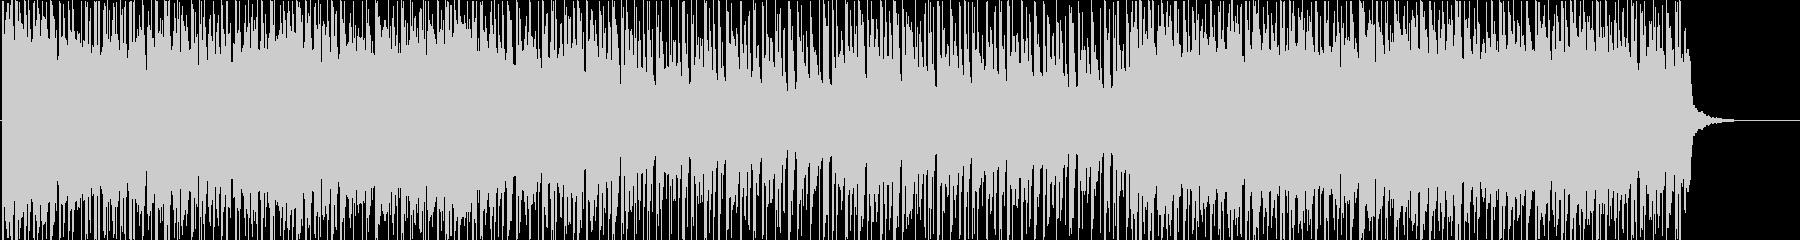 緊迫感のあるストリングス/ビートの未再生の波形